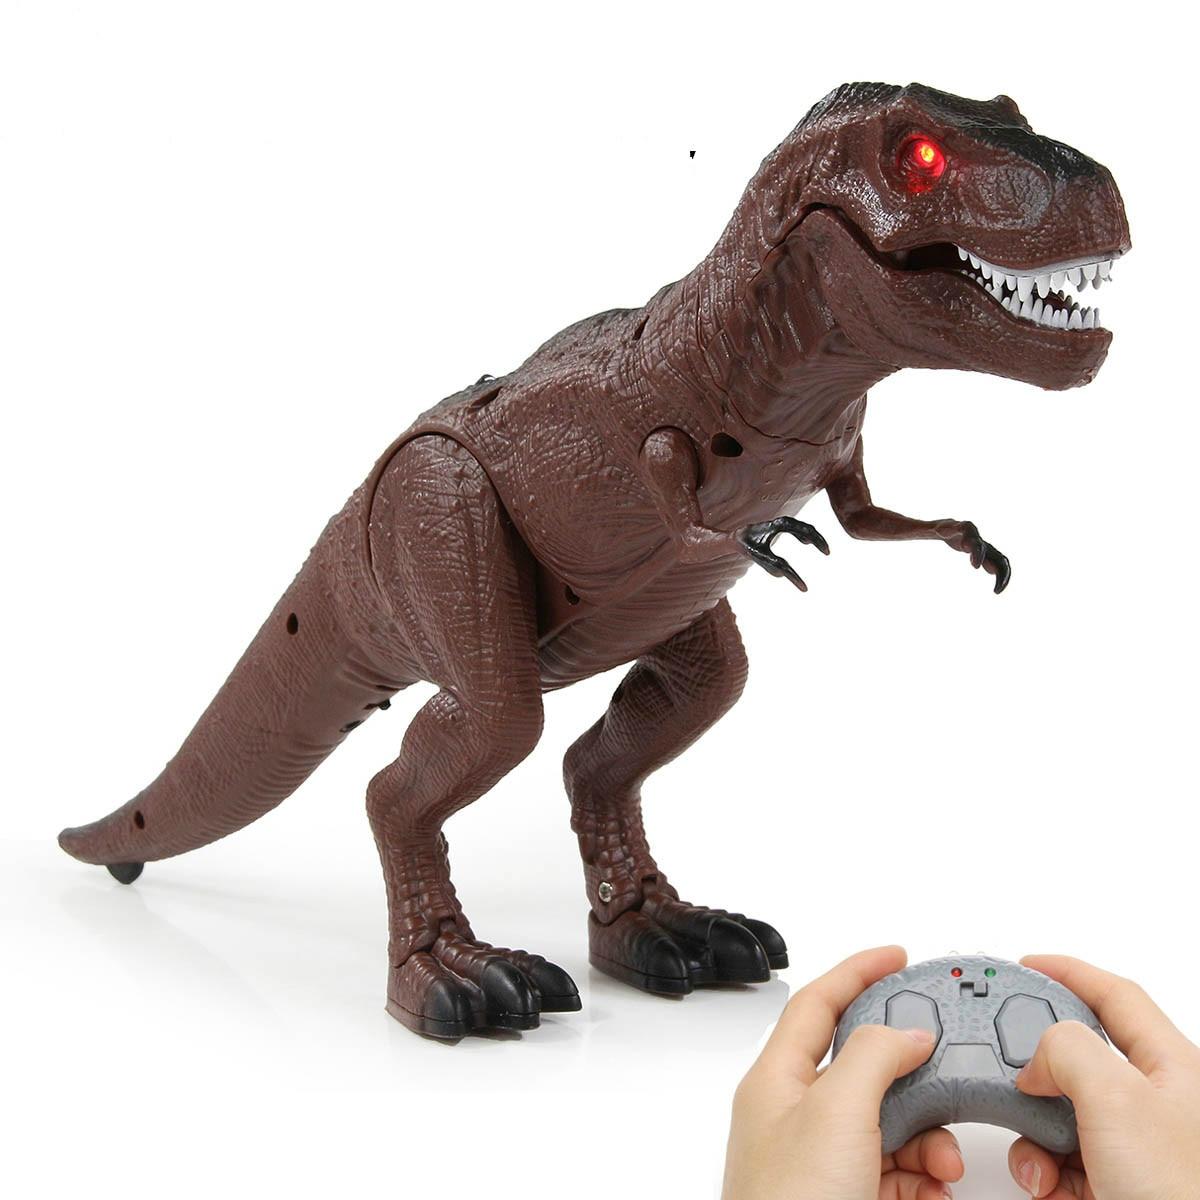 Juguete Animal inteligente modelo de juguete Control remoto infrarrojo caminar dinosaurio juguete para niños figura eléctrica RC mascota para regalo de niños 1 unidad, 30/40/60/80 CM, lindos juguetes de peluche de león marino, encantador sello de Animal marino, almohada novedosa 3D, regalo de cumpleaños para niños y bebés